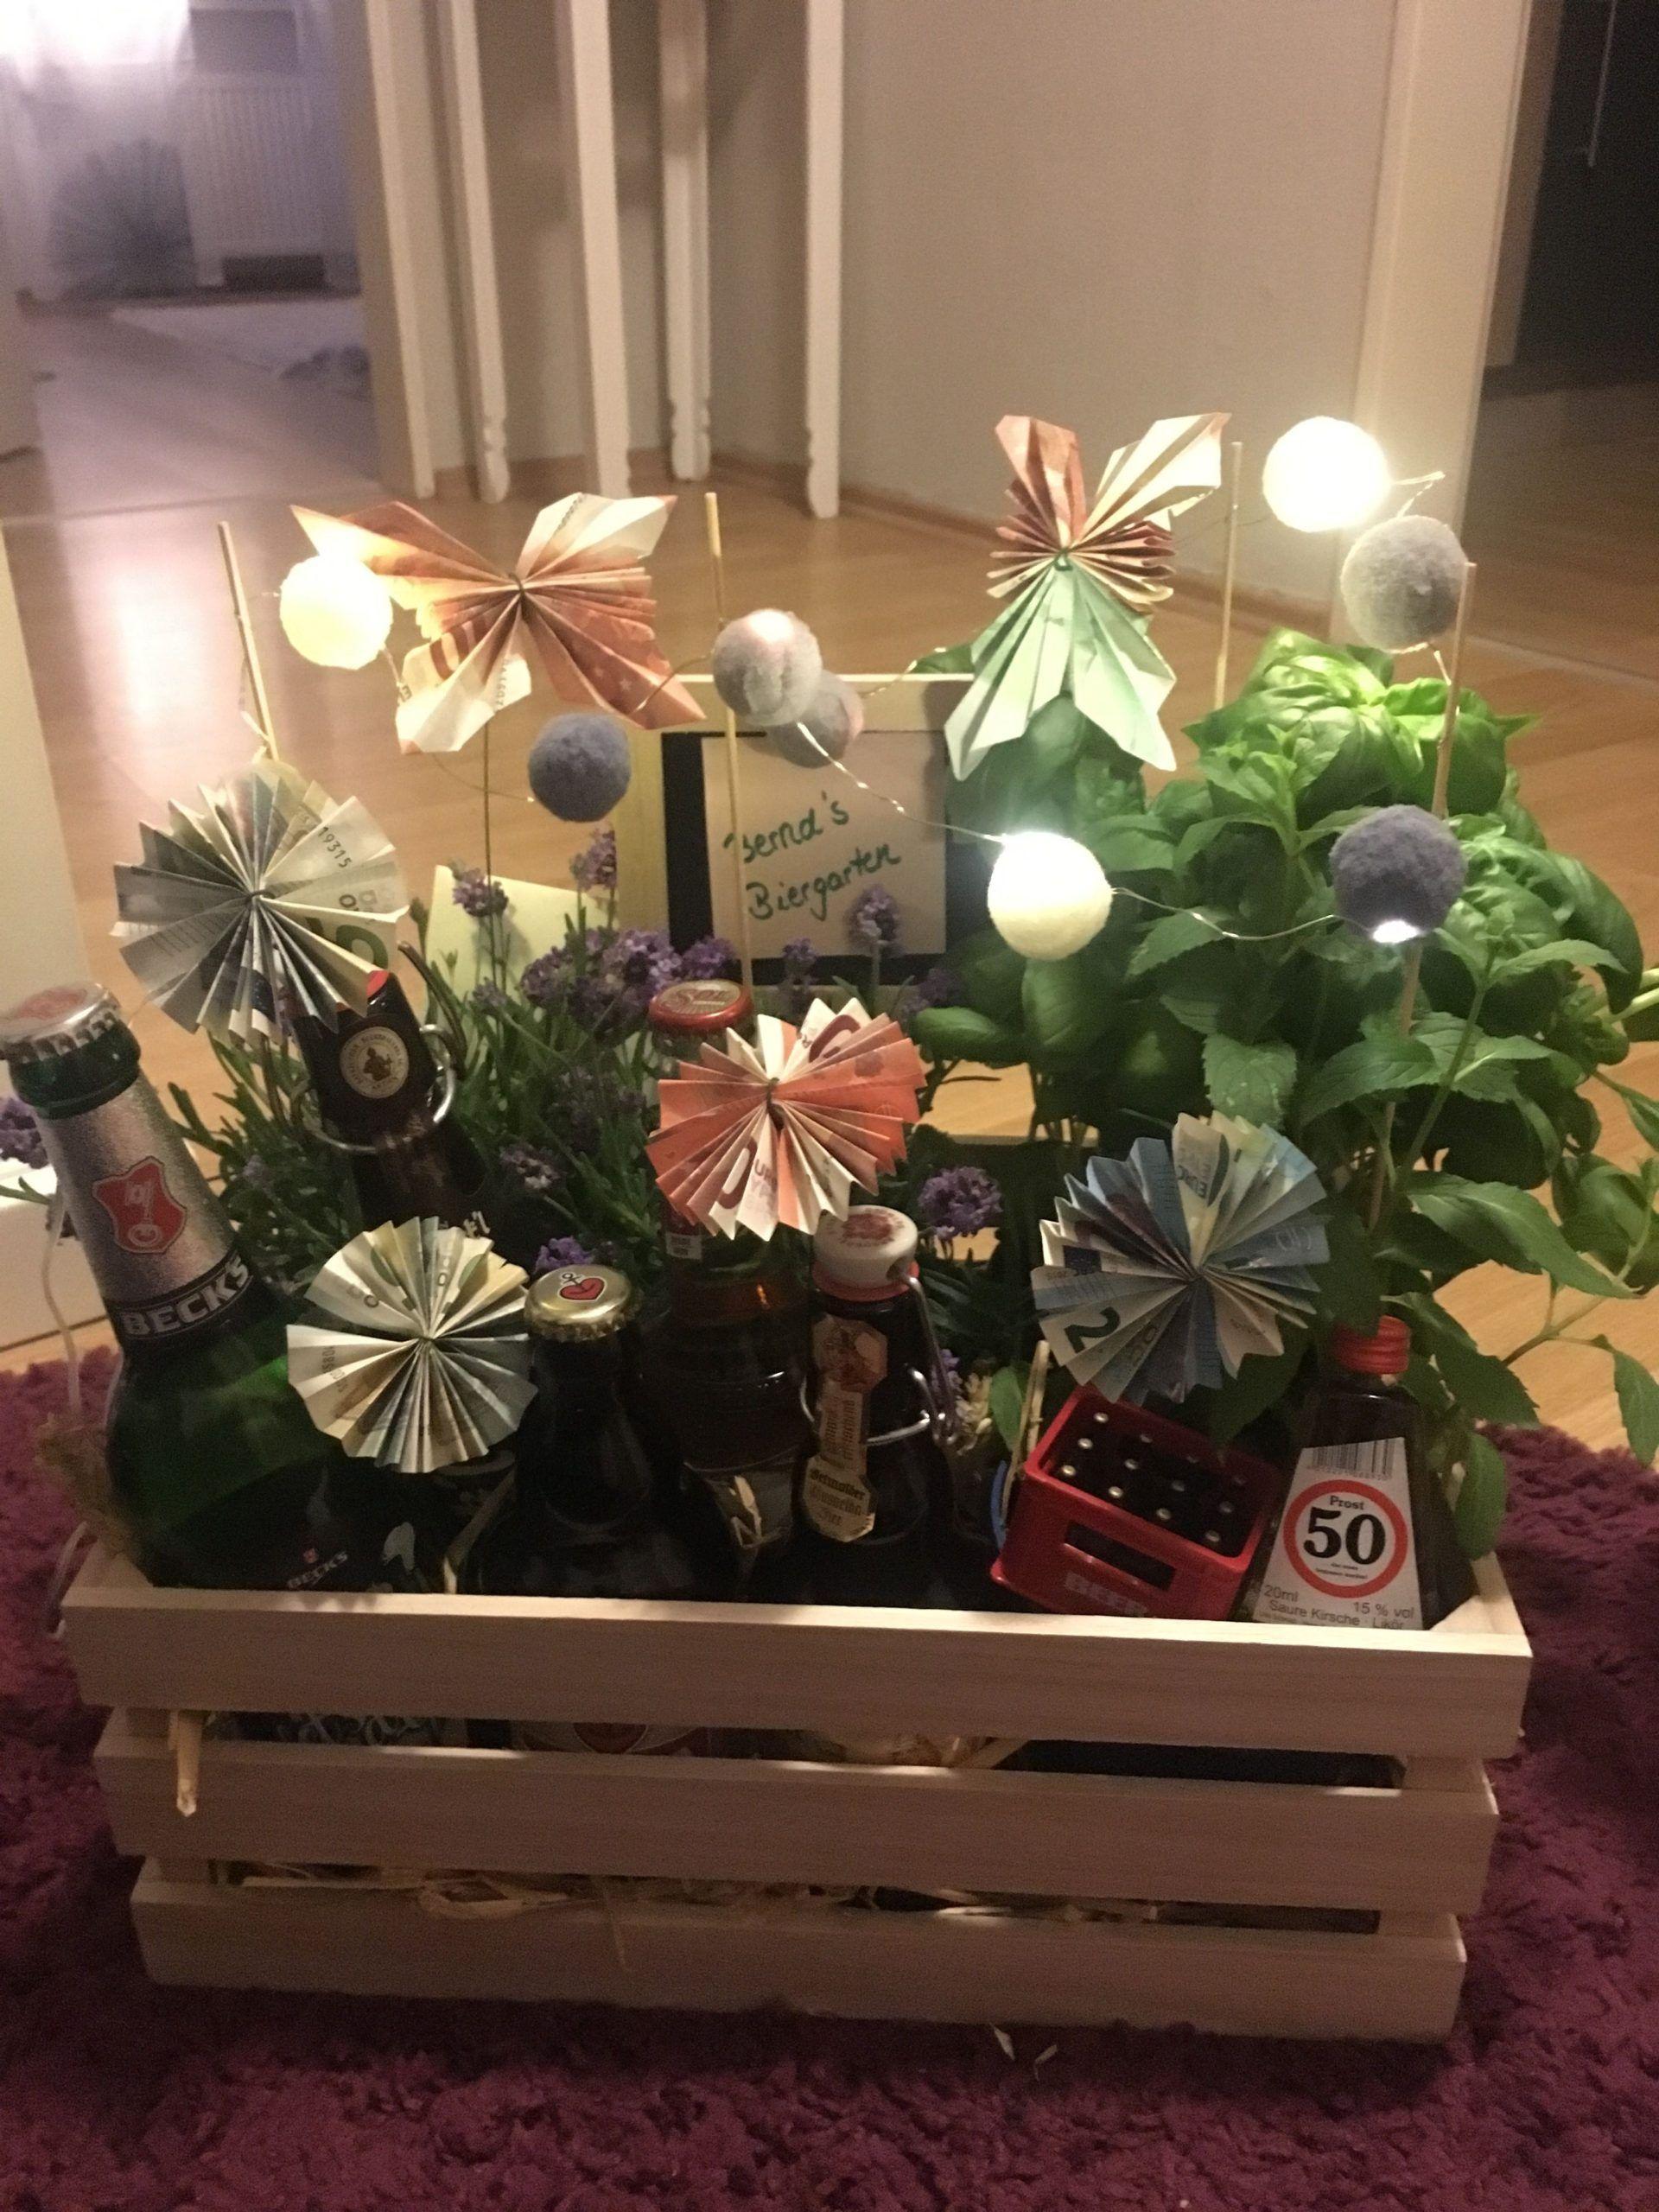 Lavendel Garten Garten Garten Geschenkideen Biergarten Ein Besonderes Geschen Geschenkideen Blumen Geschenk Biergarten